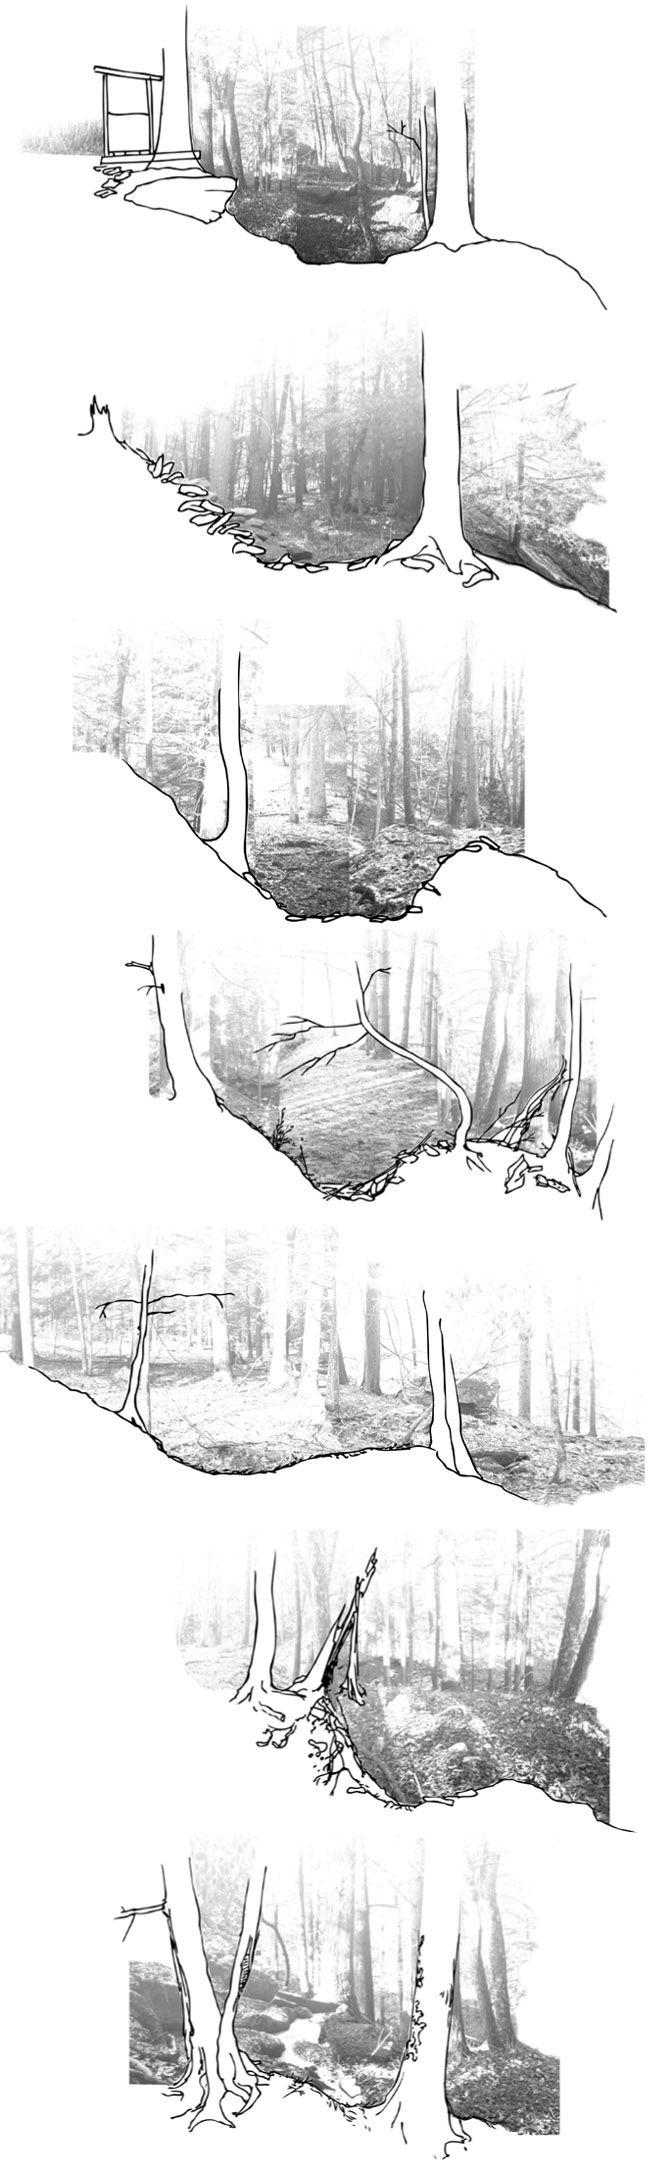 MildredsLane, LandArt, ArtistResidency, LandscapeArchitecture, Section, Collage, Woodland (PondHouseSpringHousePond - Kate Farquhar Landscape)